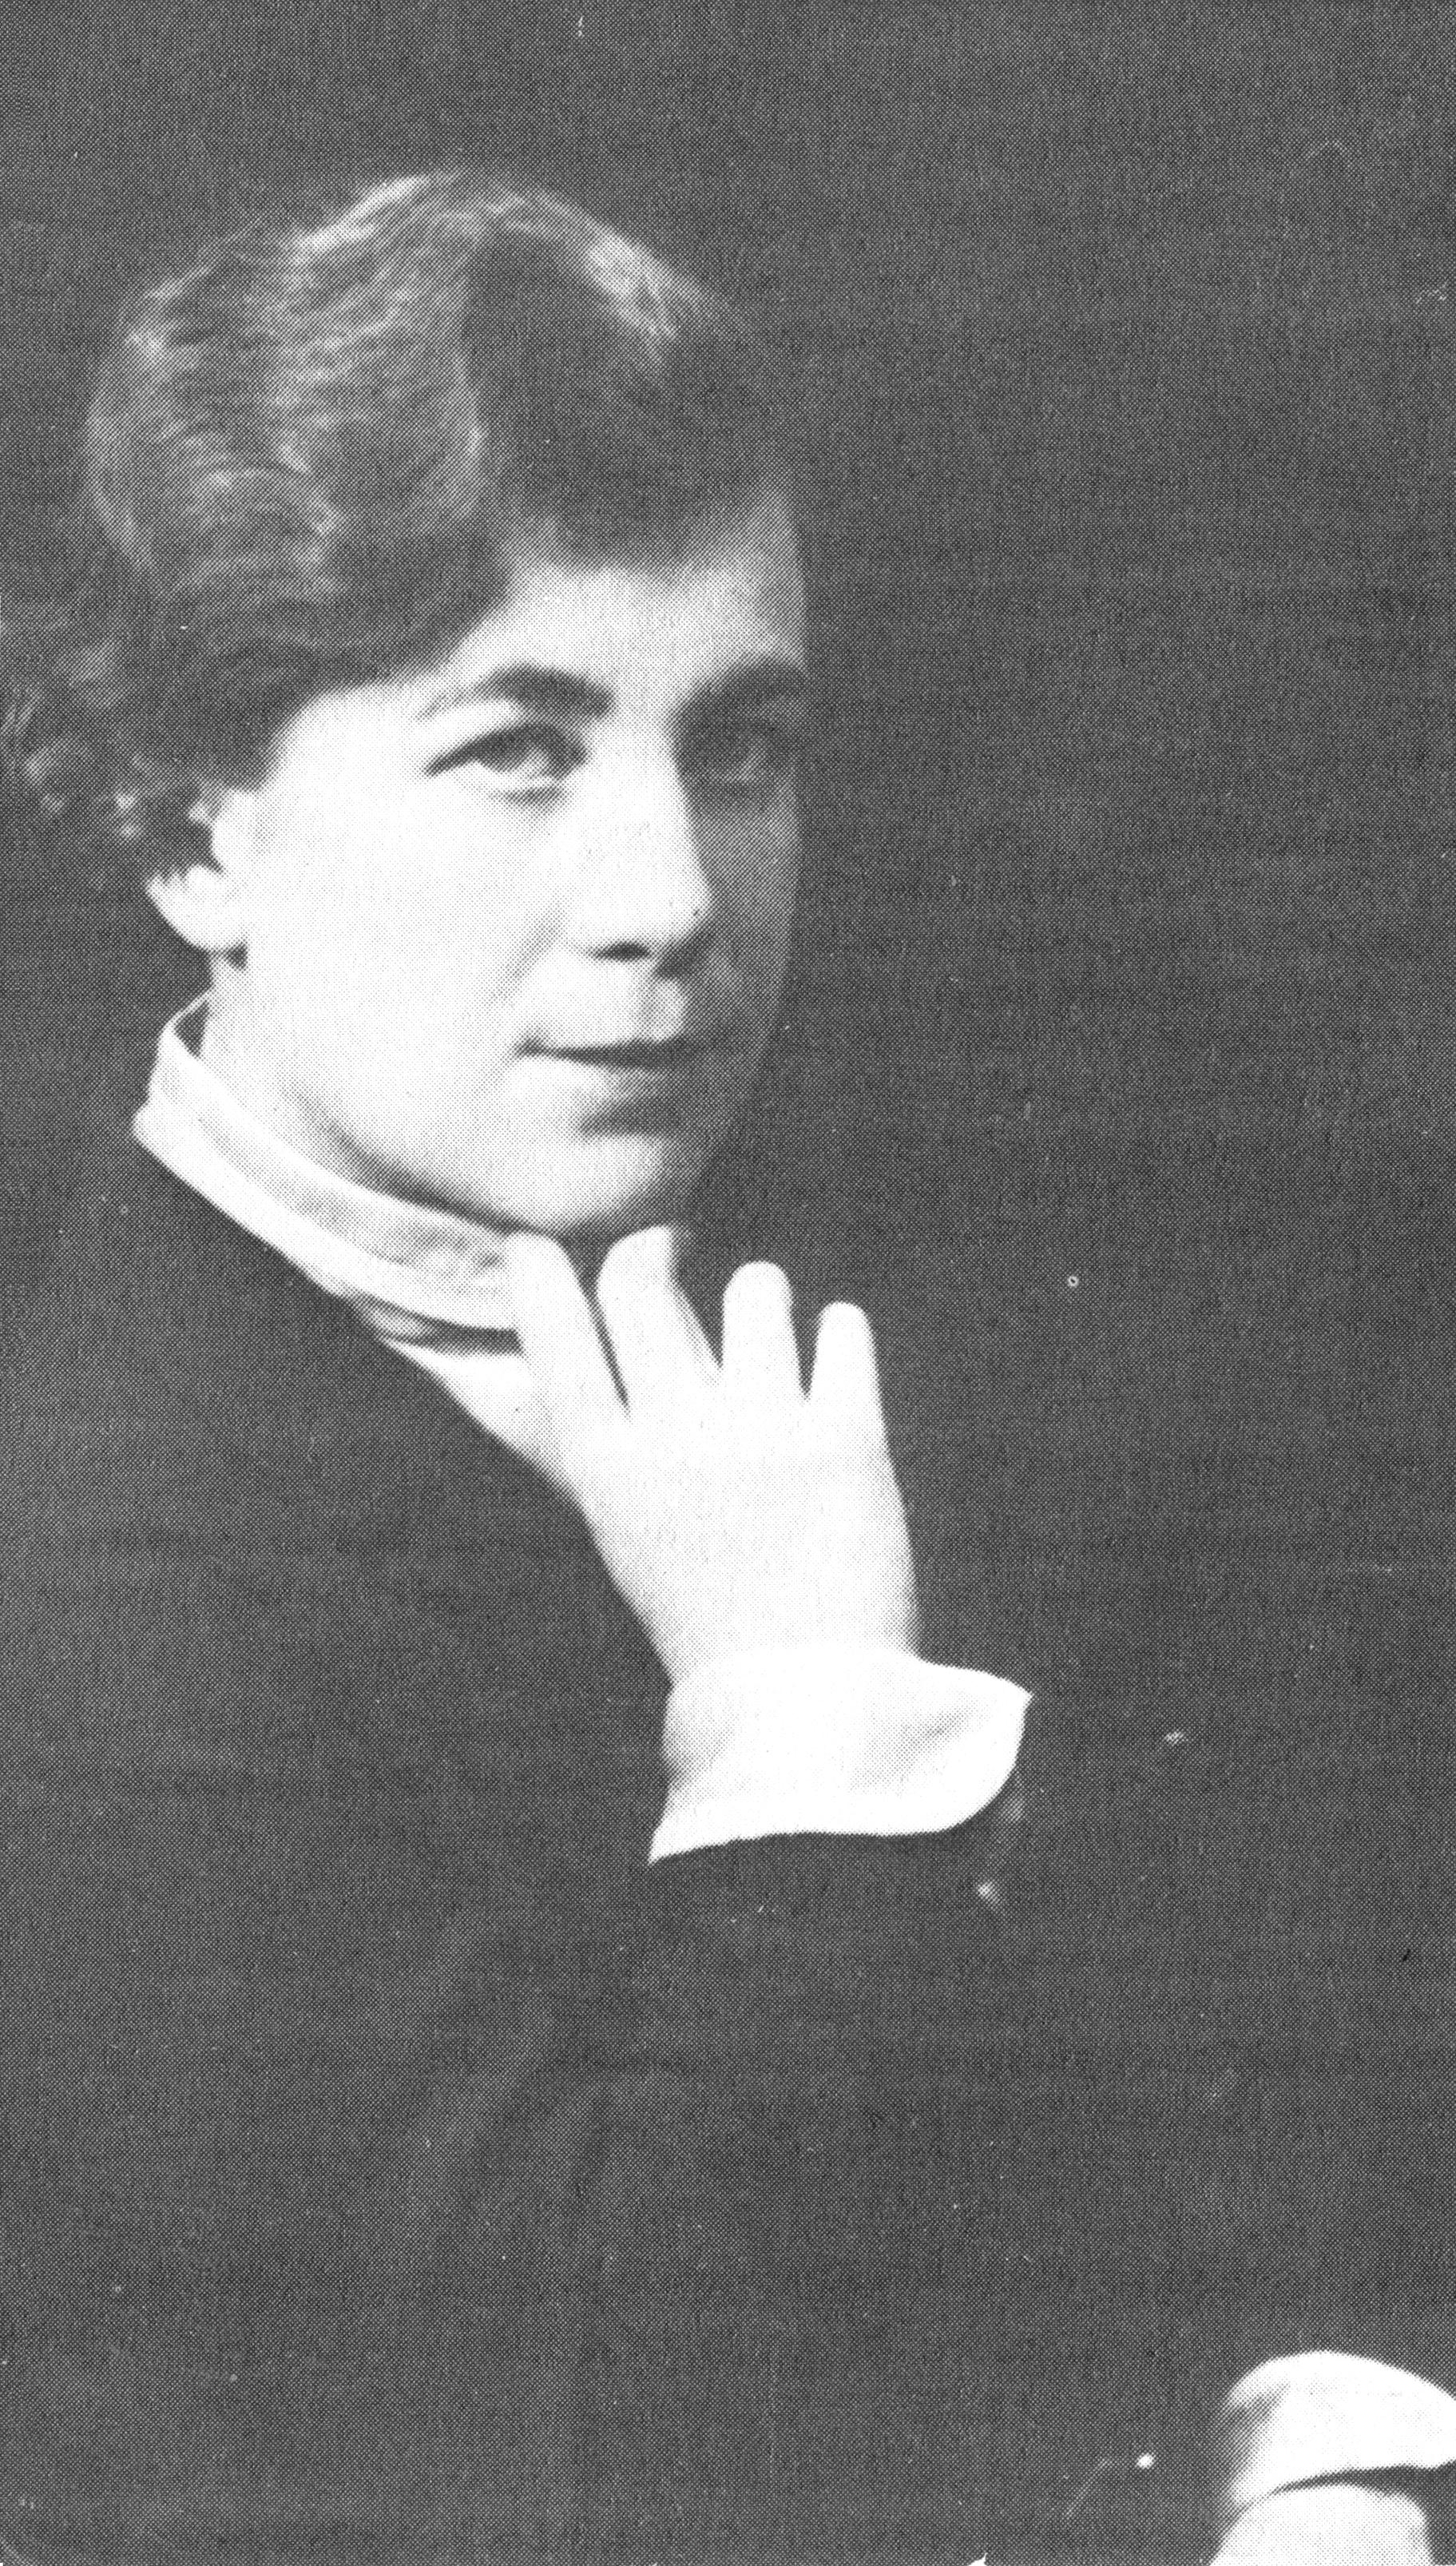 Agnes von Krusenstjerna. Fotograf och år okänt. Bildkälla: Wikimedia Commons